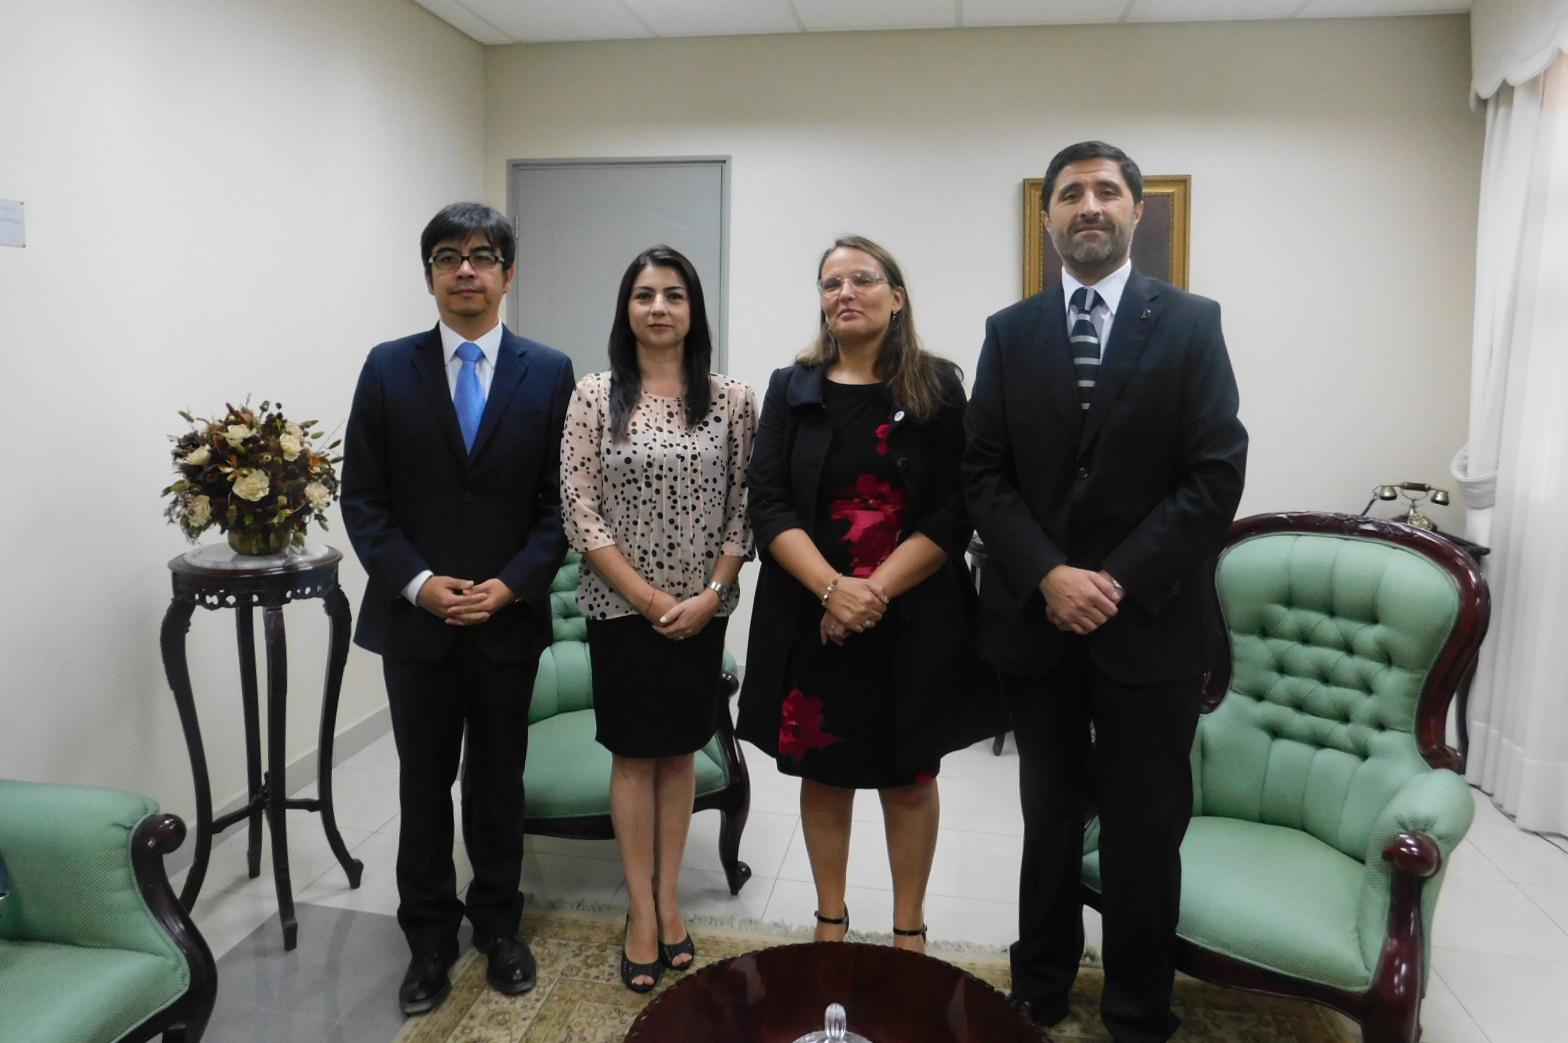 Realizan visita protocolar al Presidente de la Corte de Apelaciones de Iquique